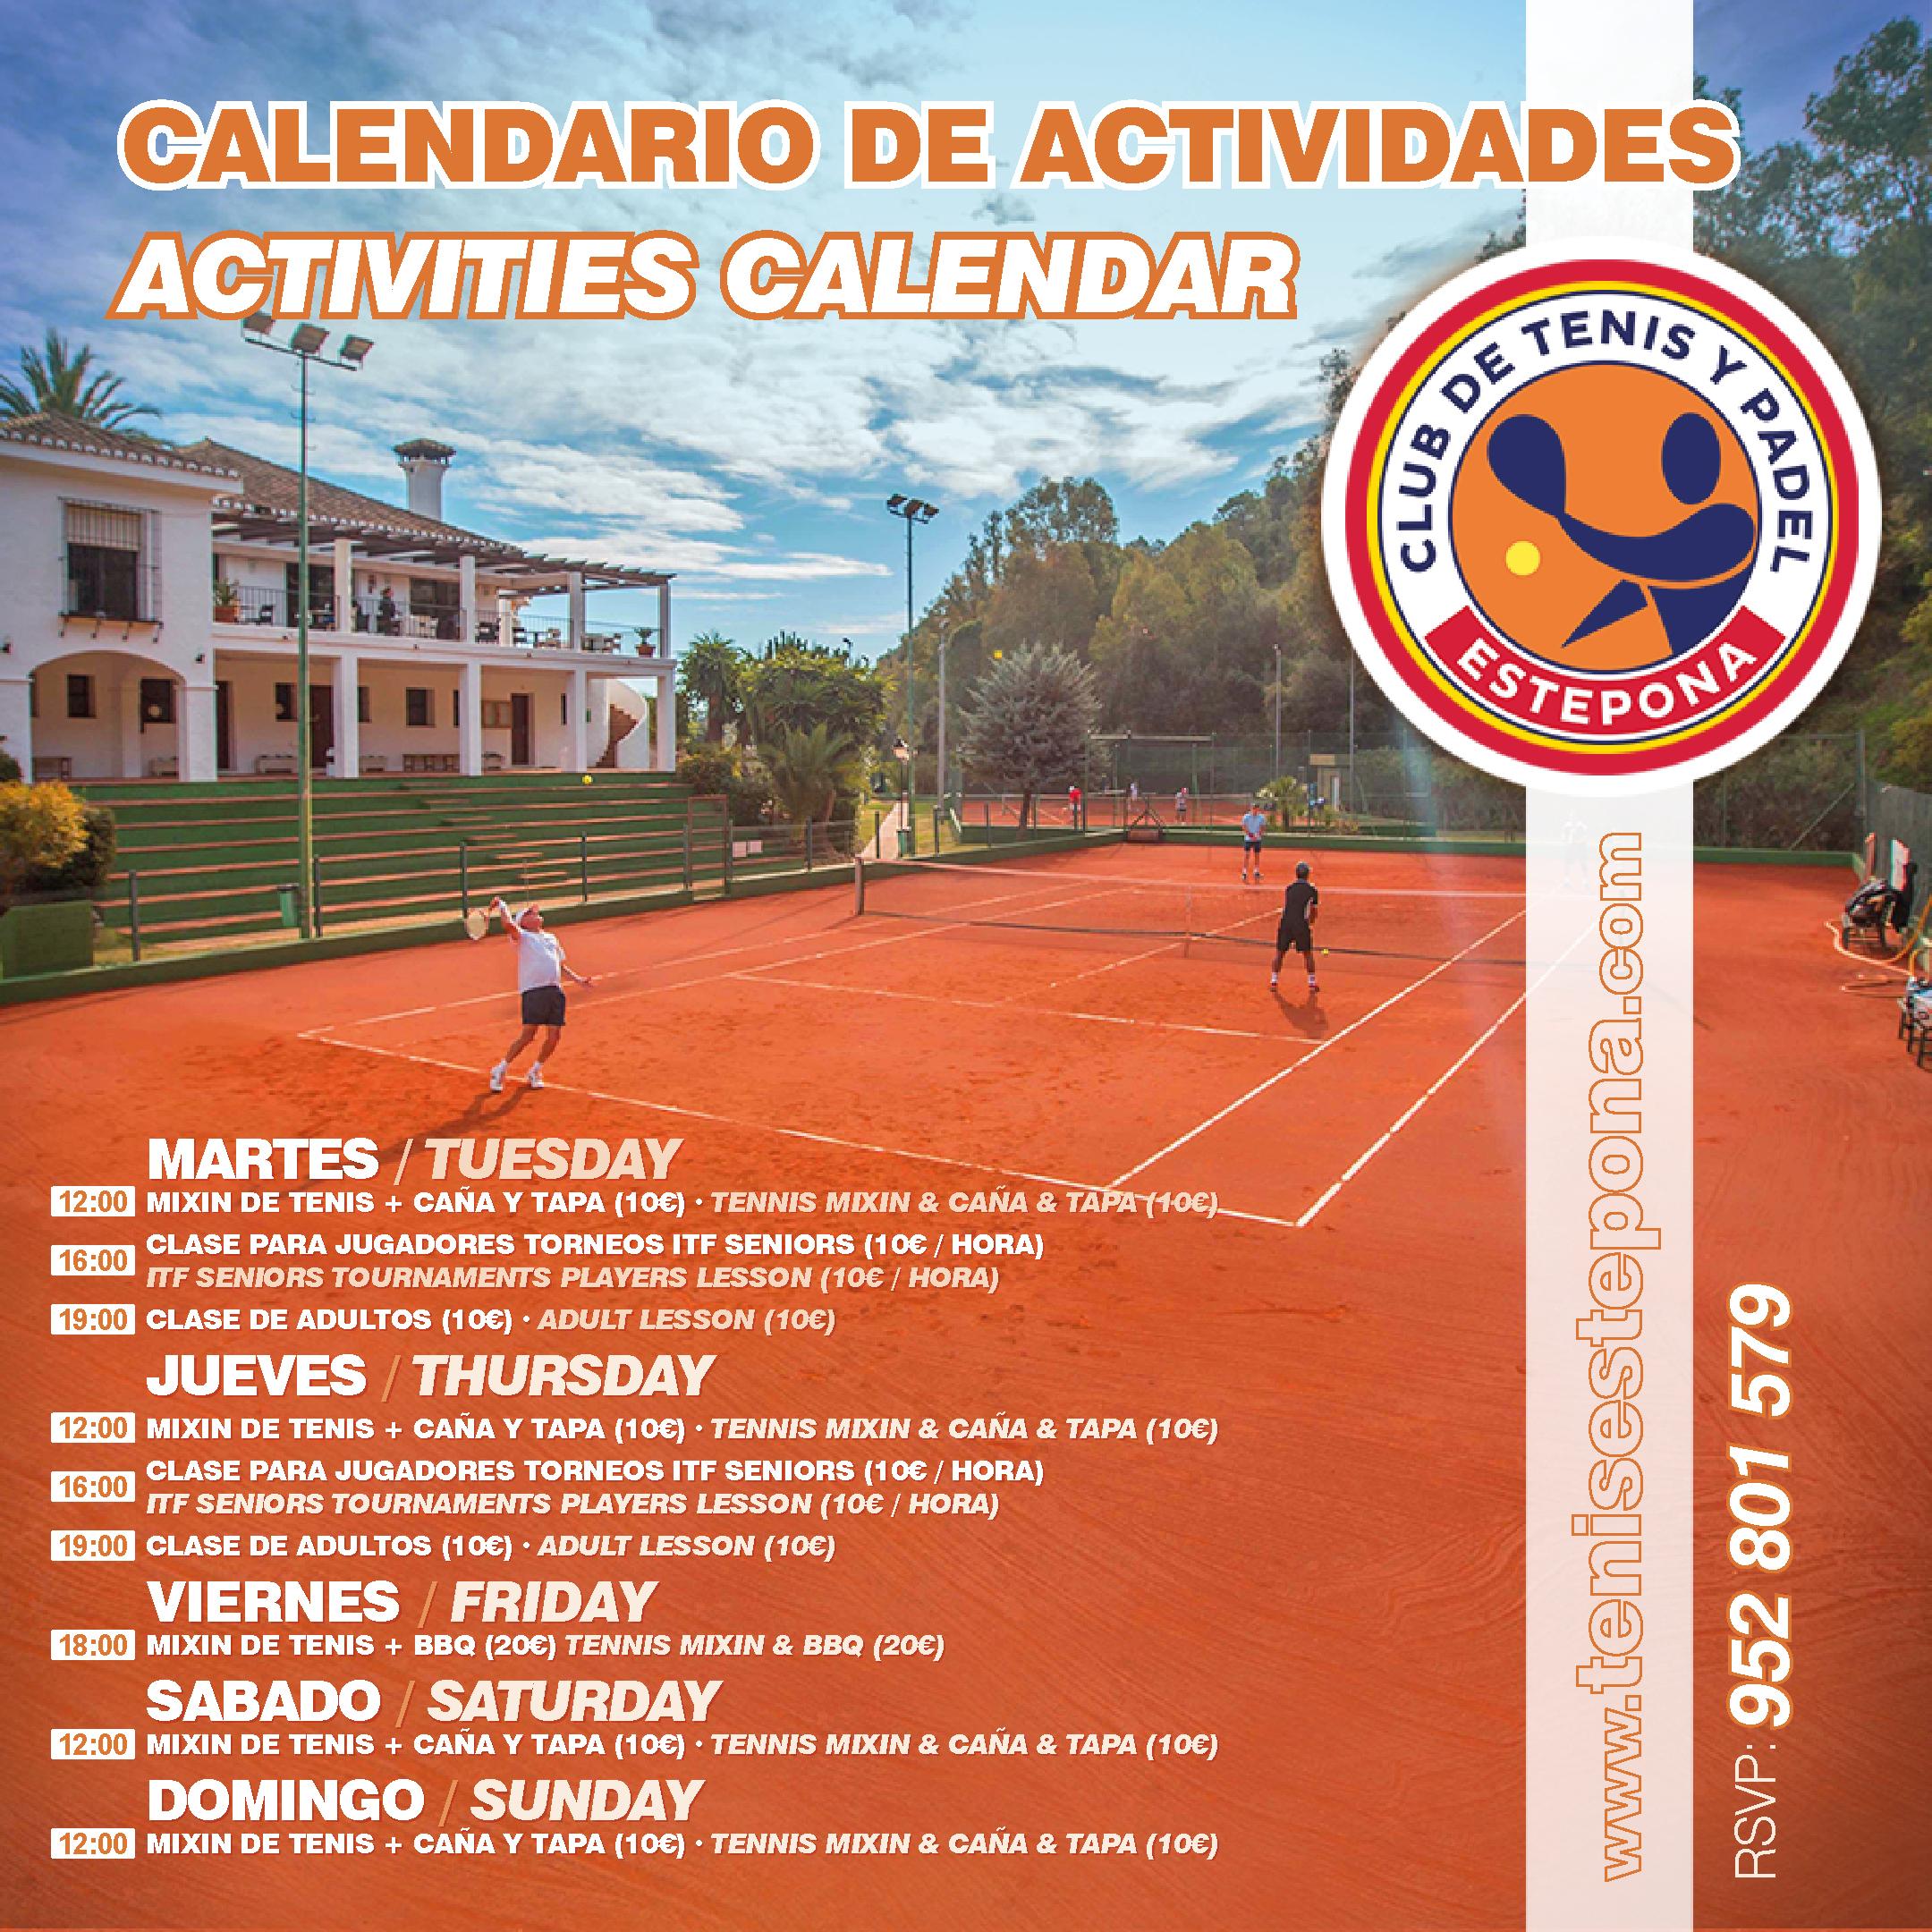 Calendario de Actividades de Tenis